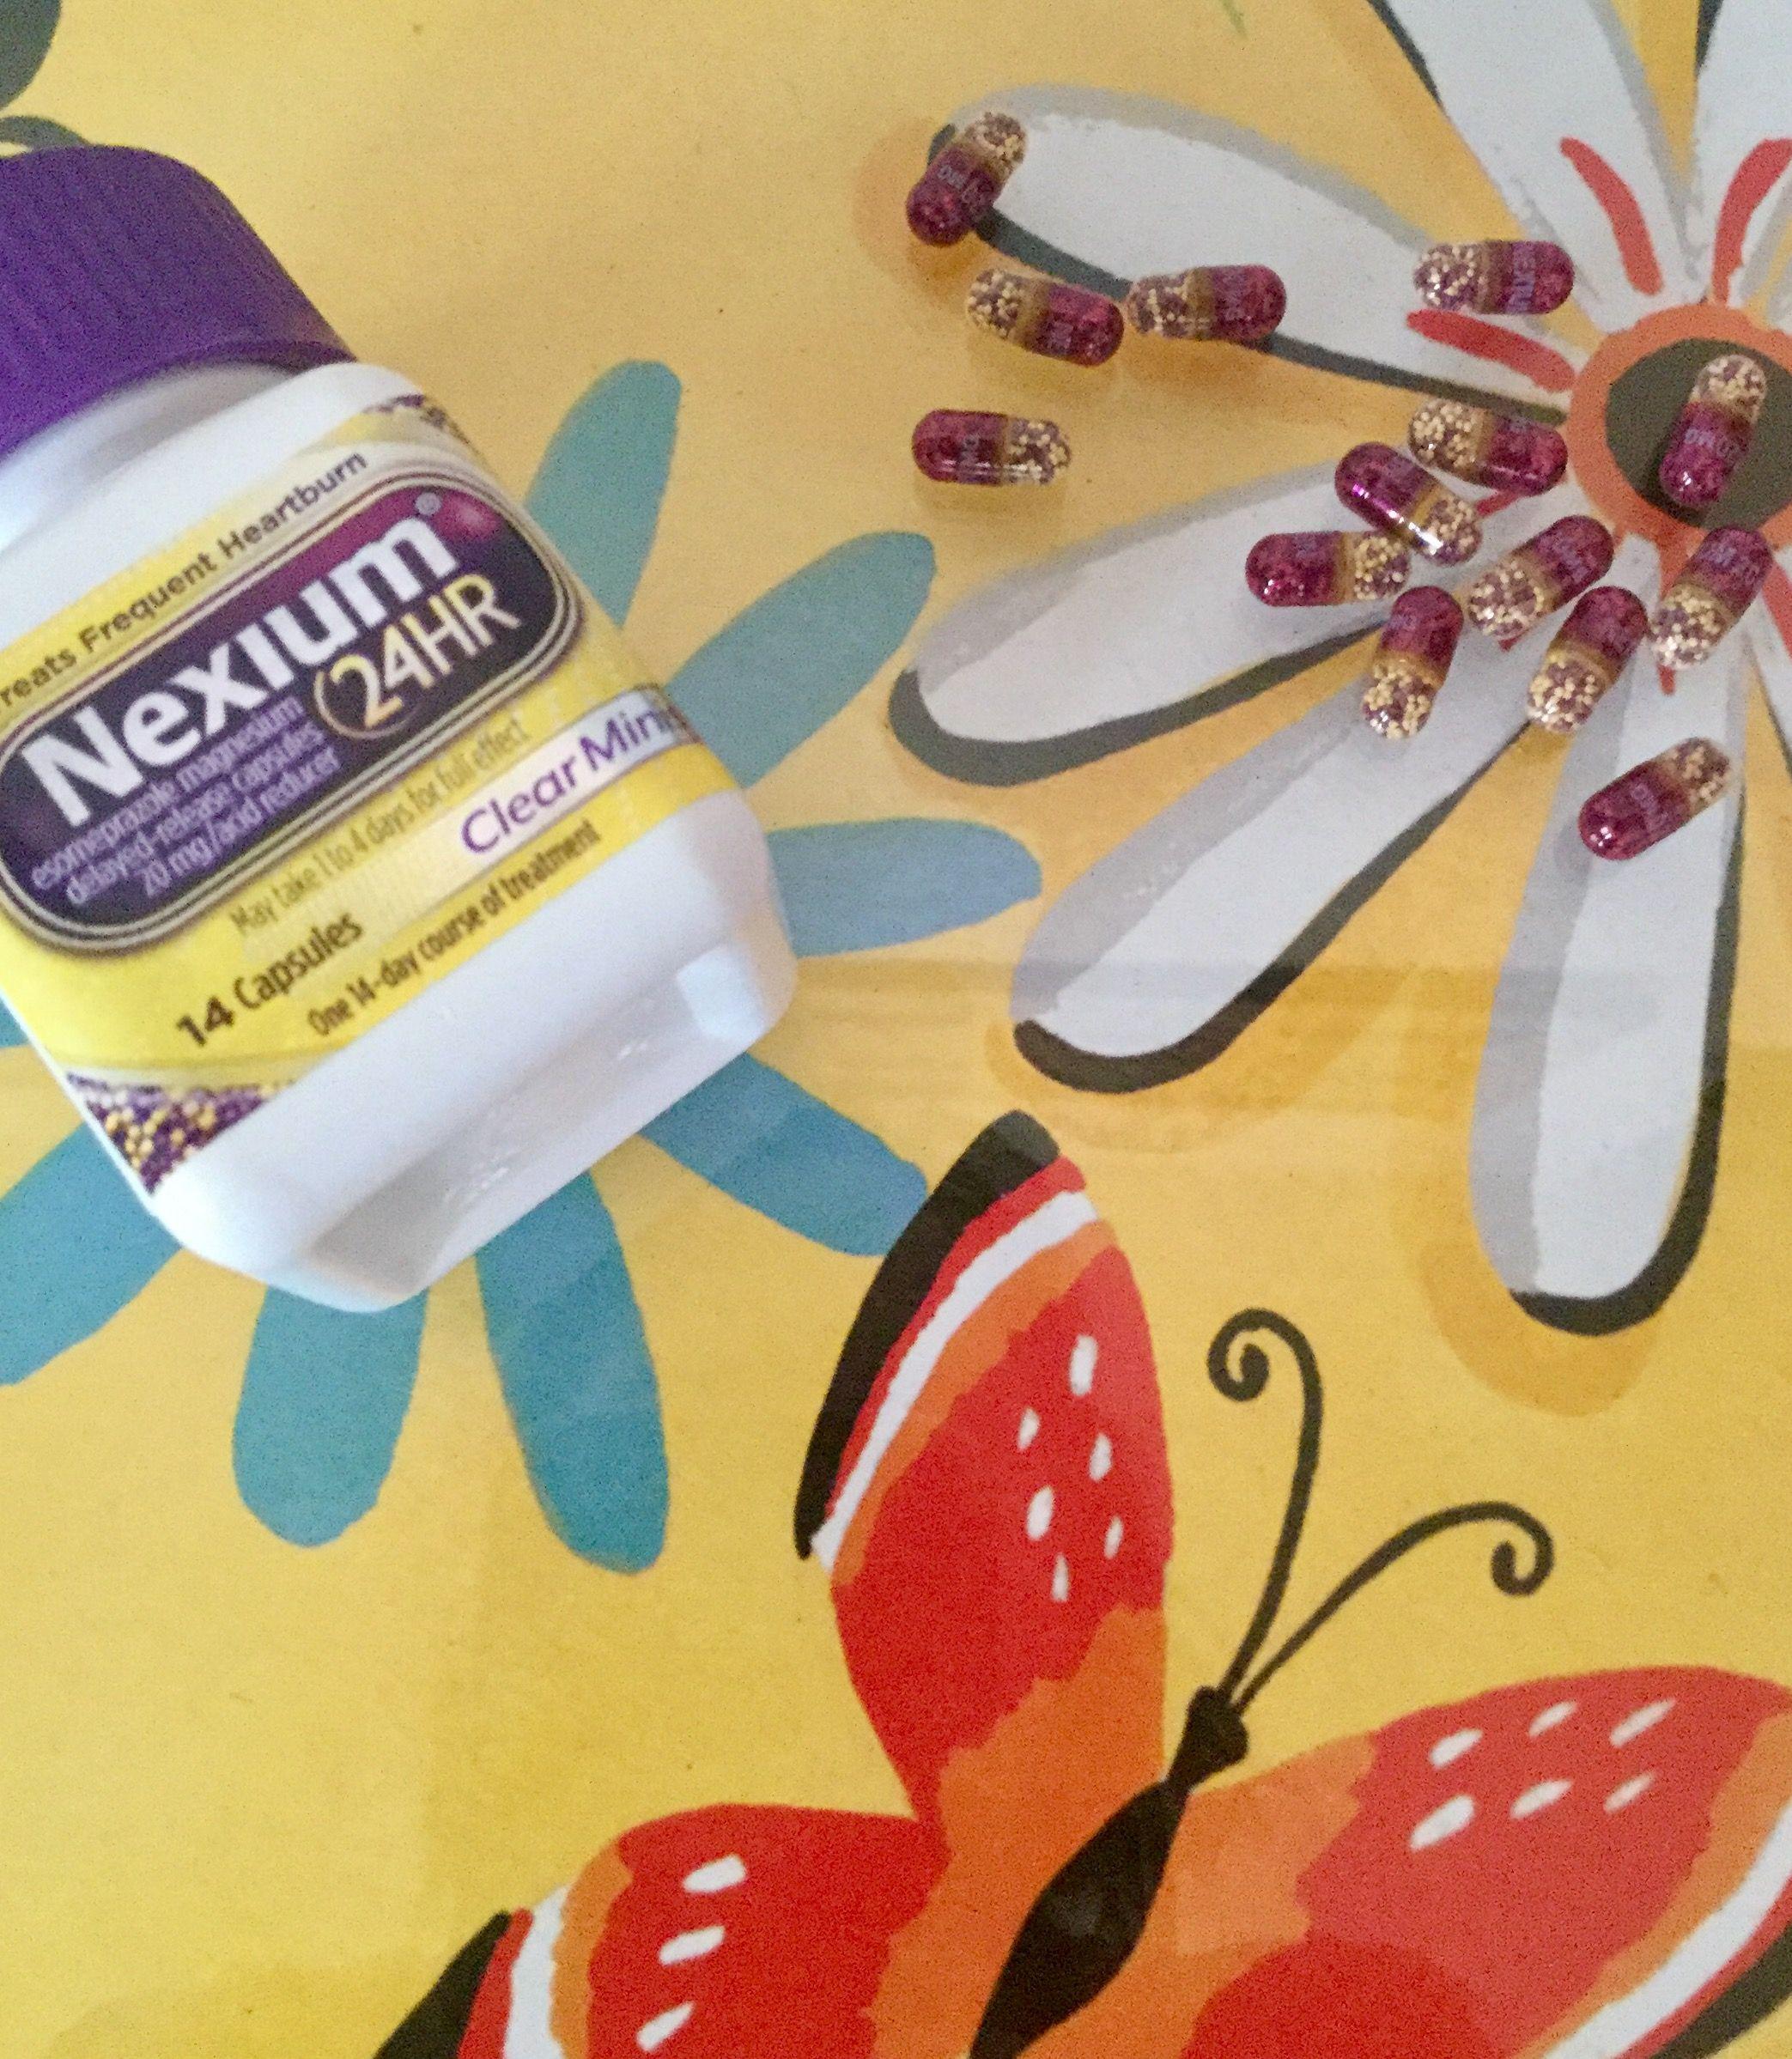 zovirax cream online